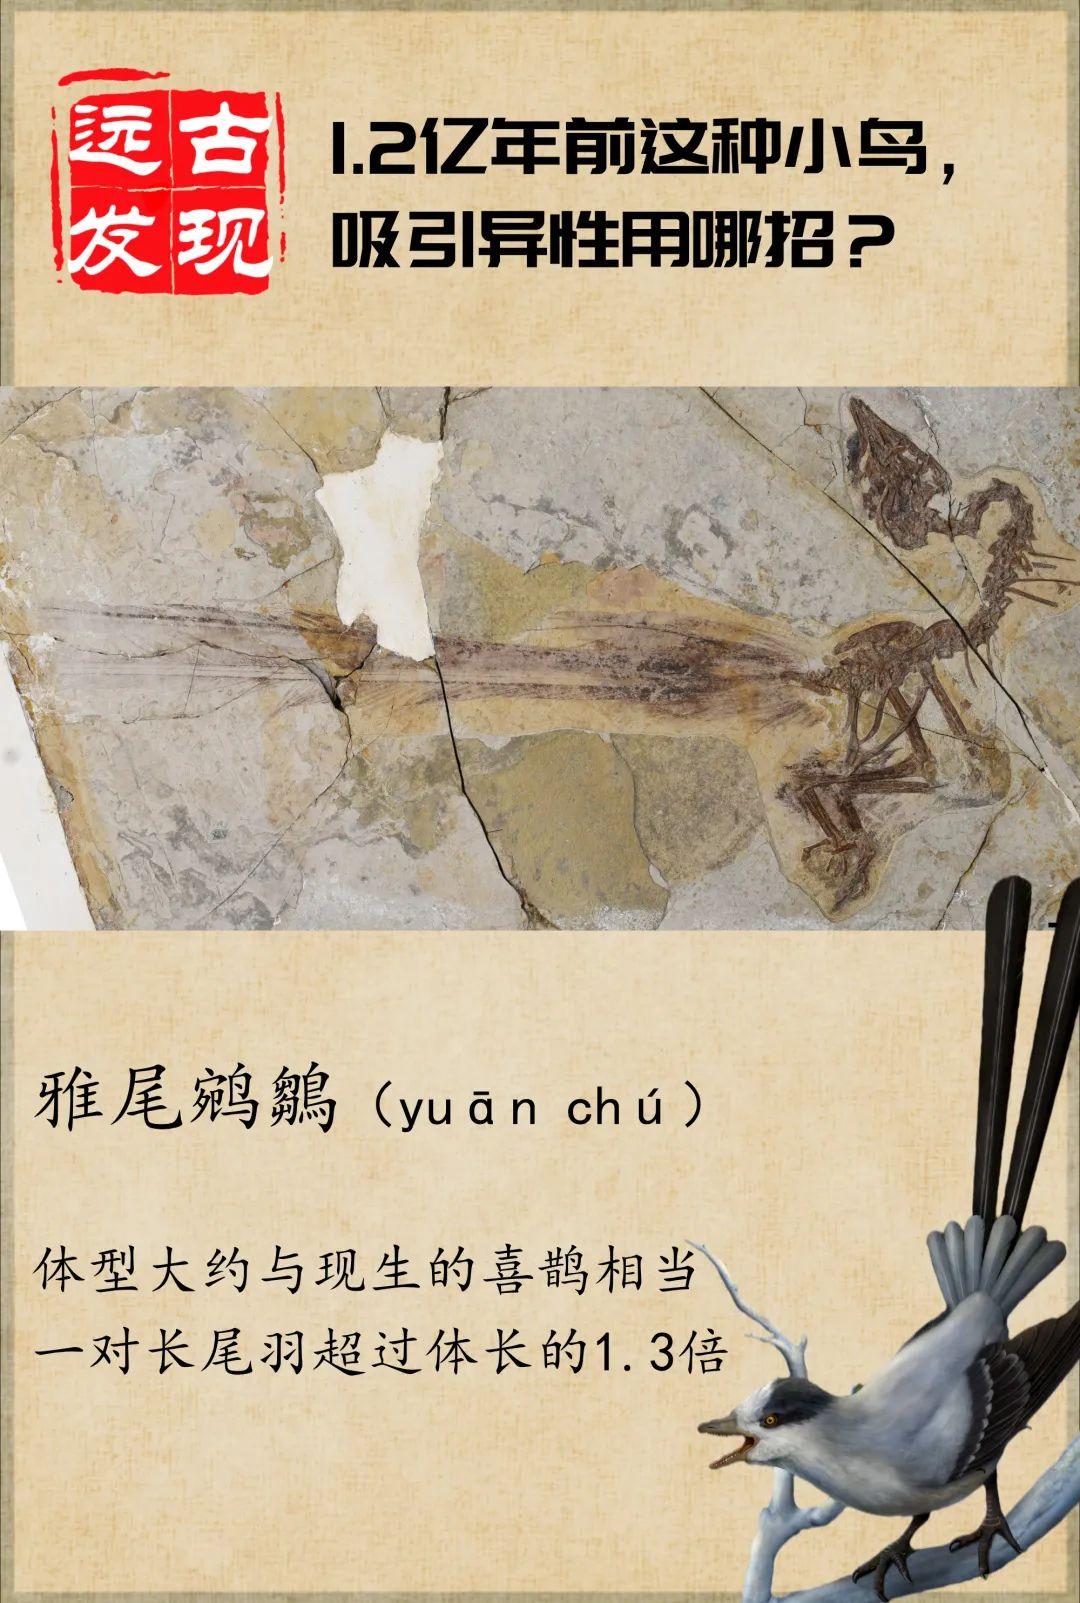 《吸引异性的招数,1.2亿年前就被它用过了》